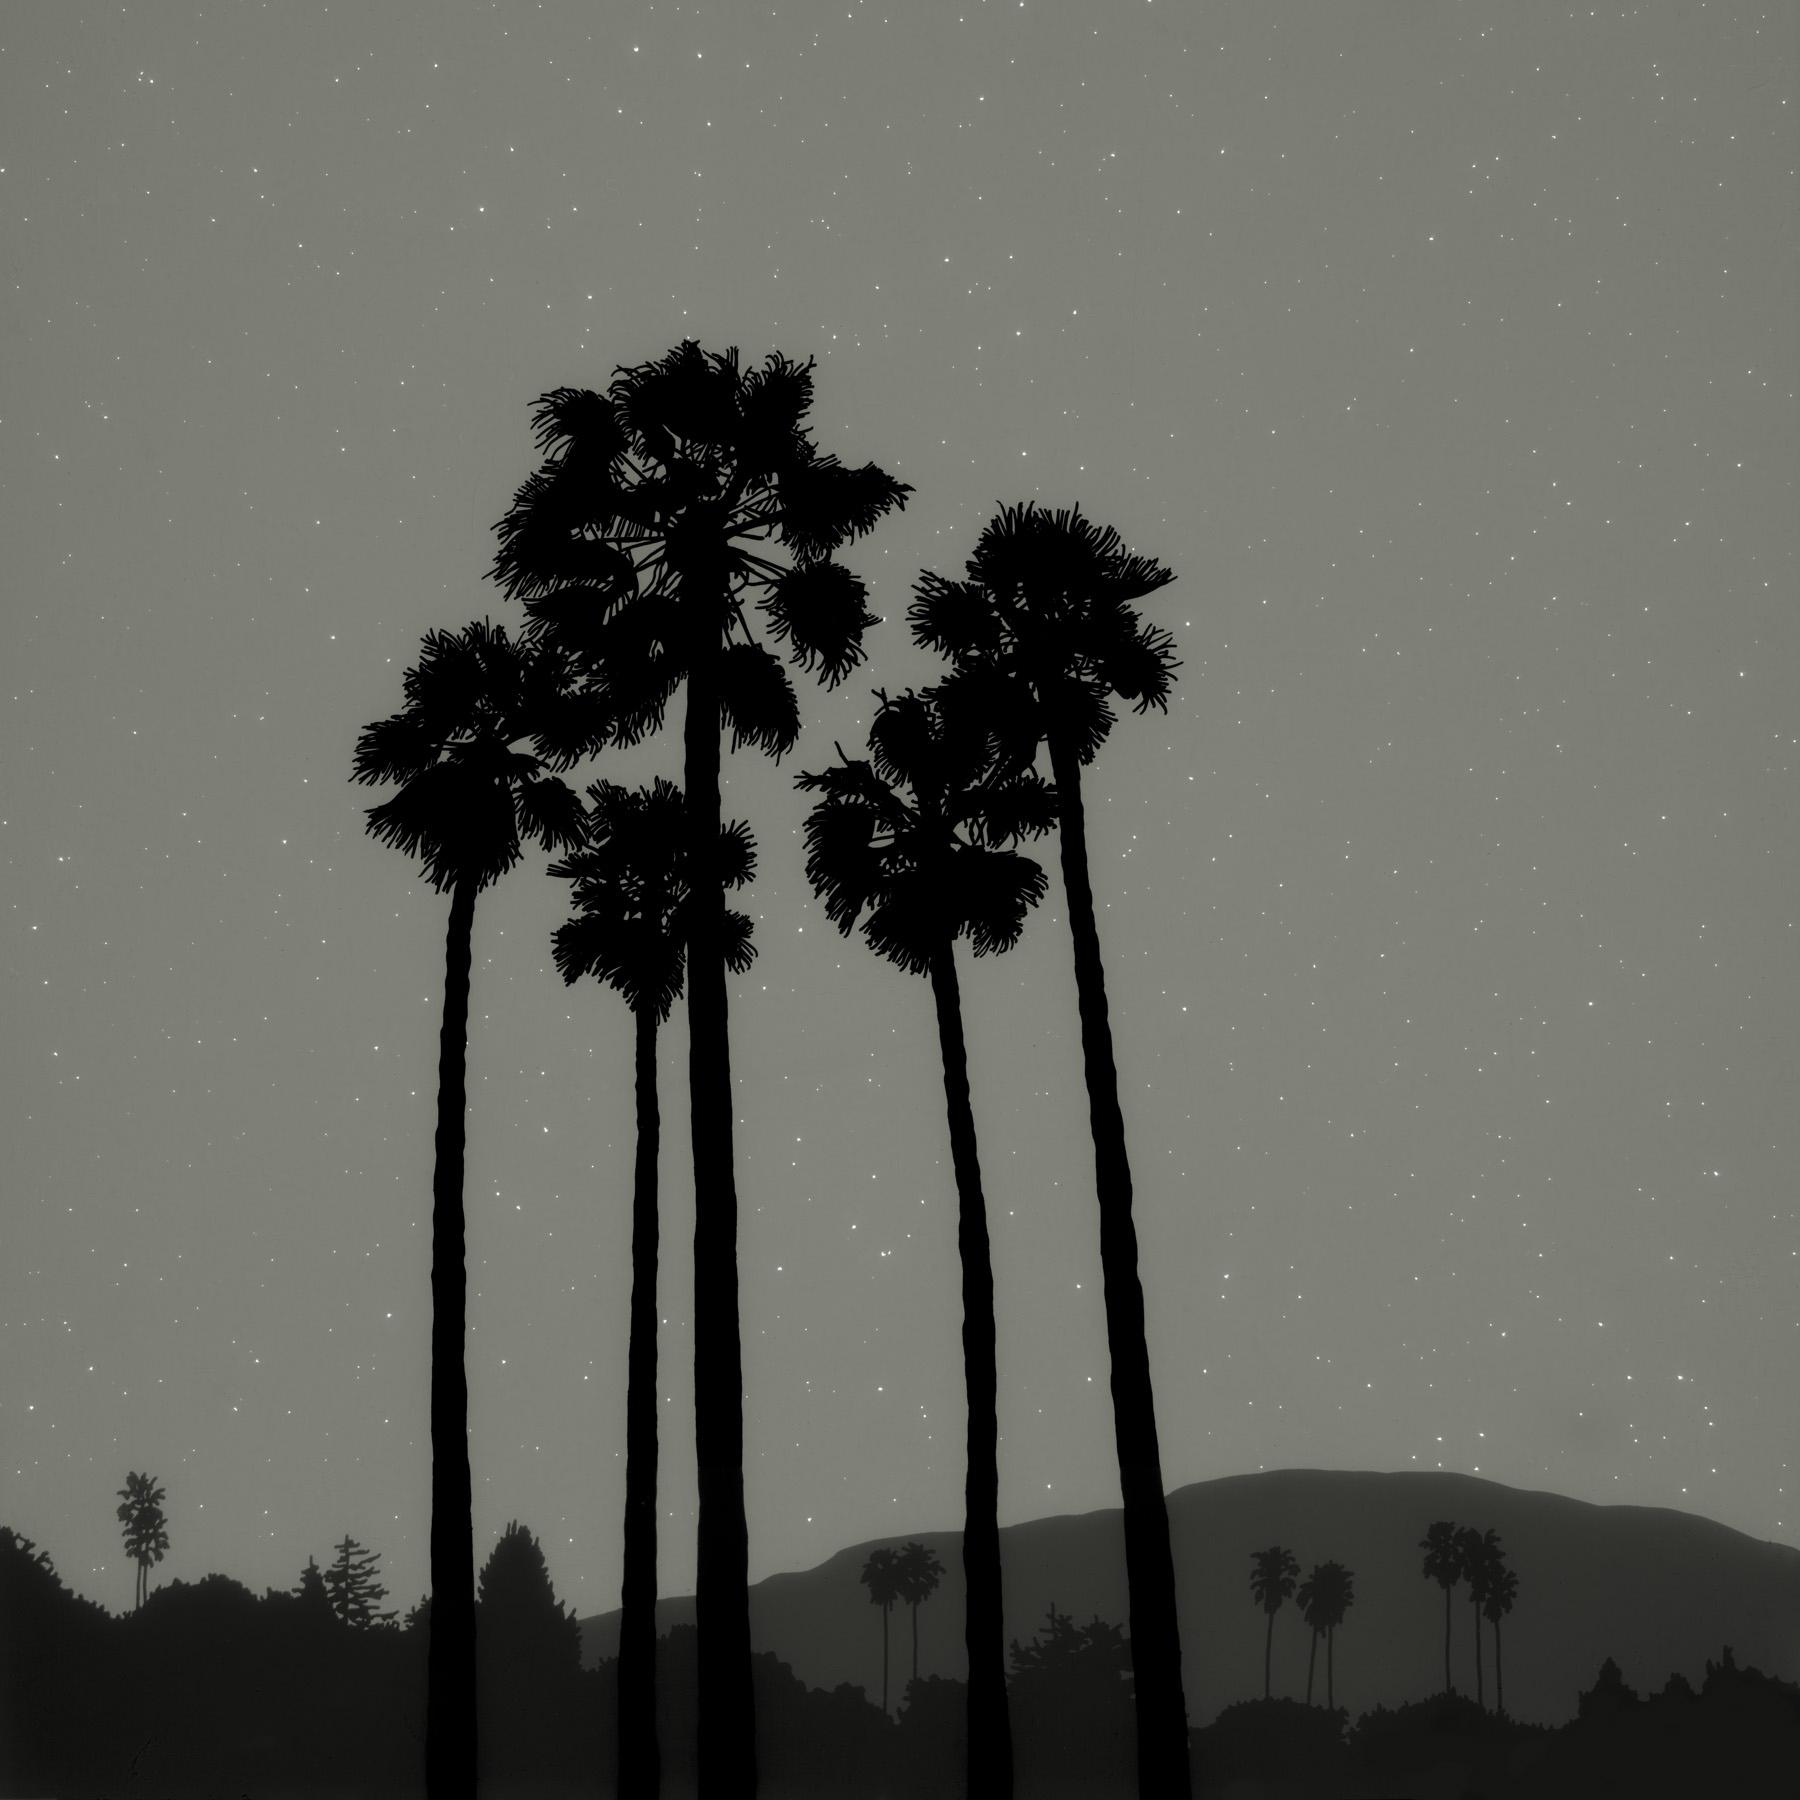 Landscape #35